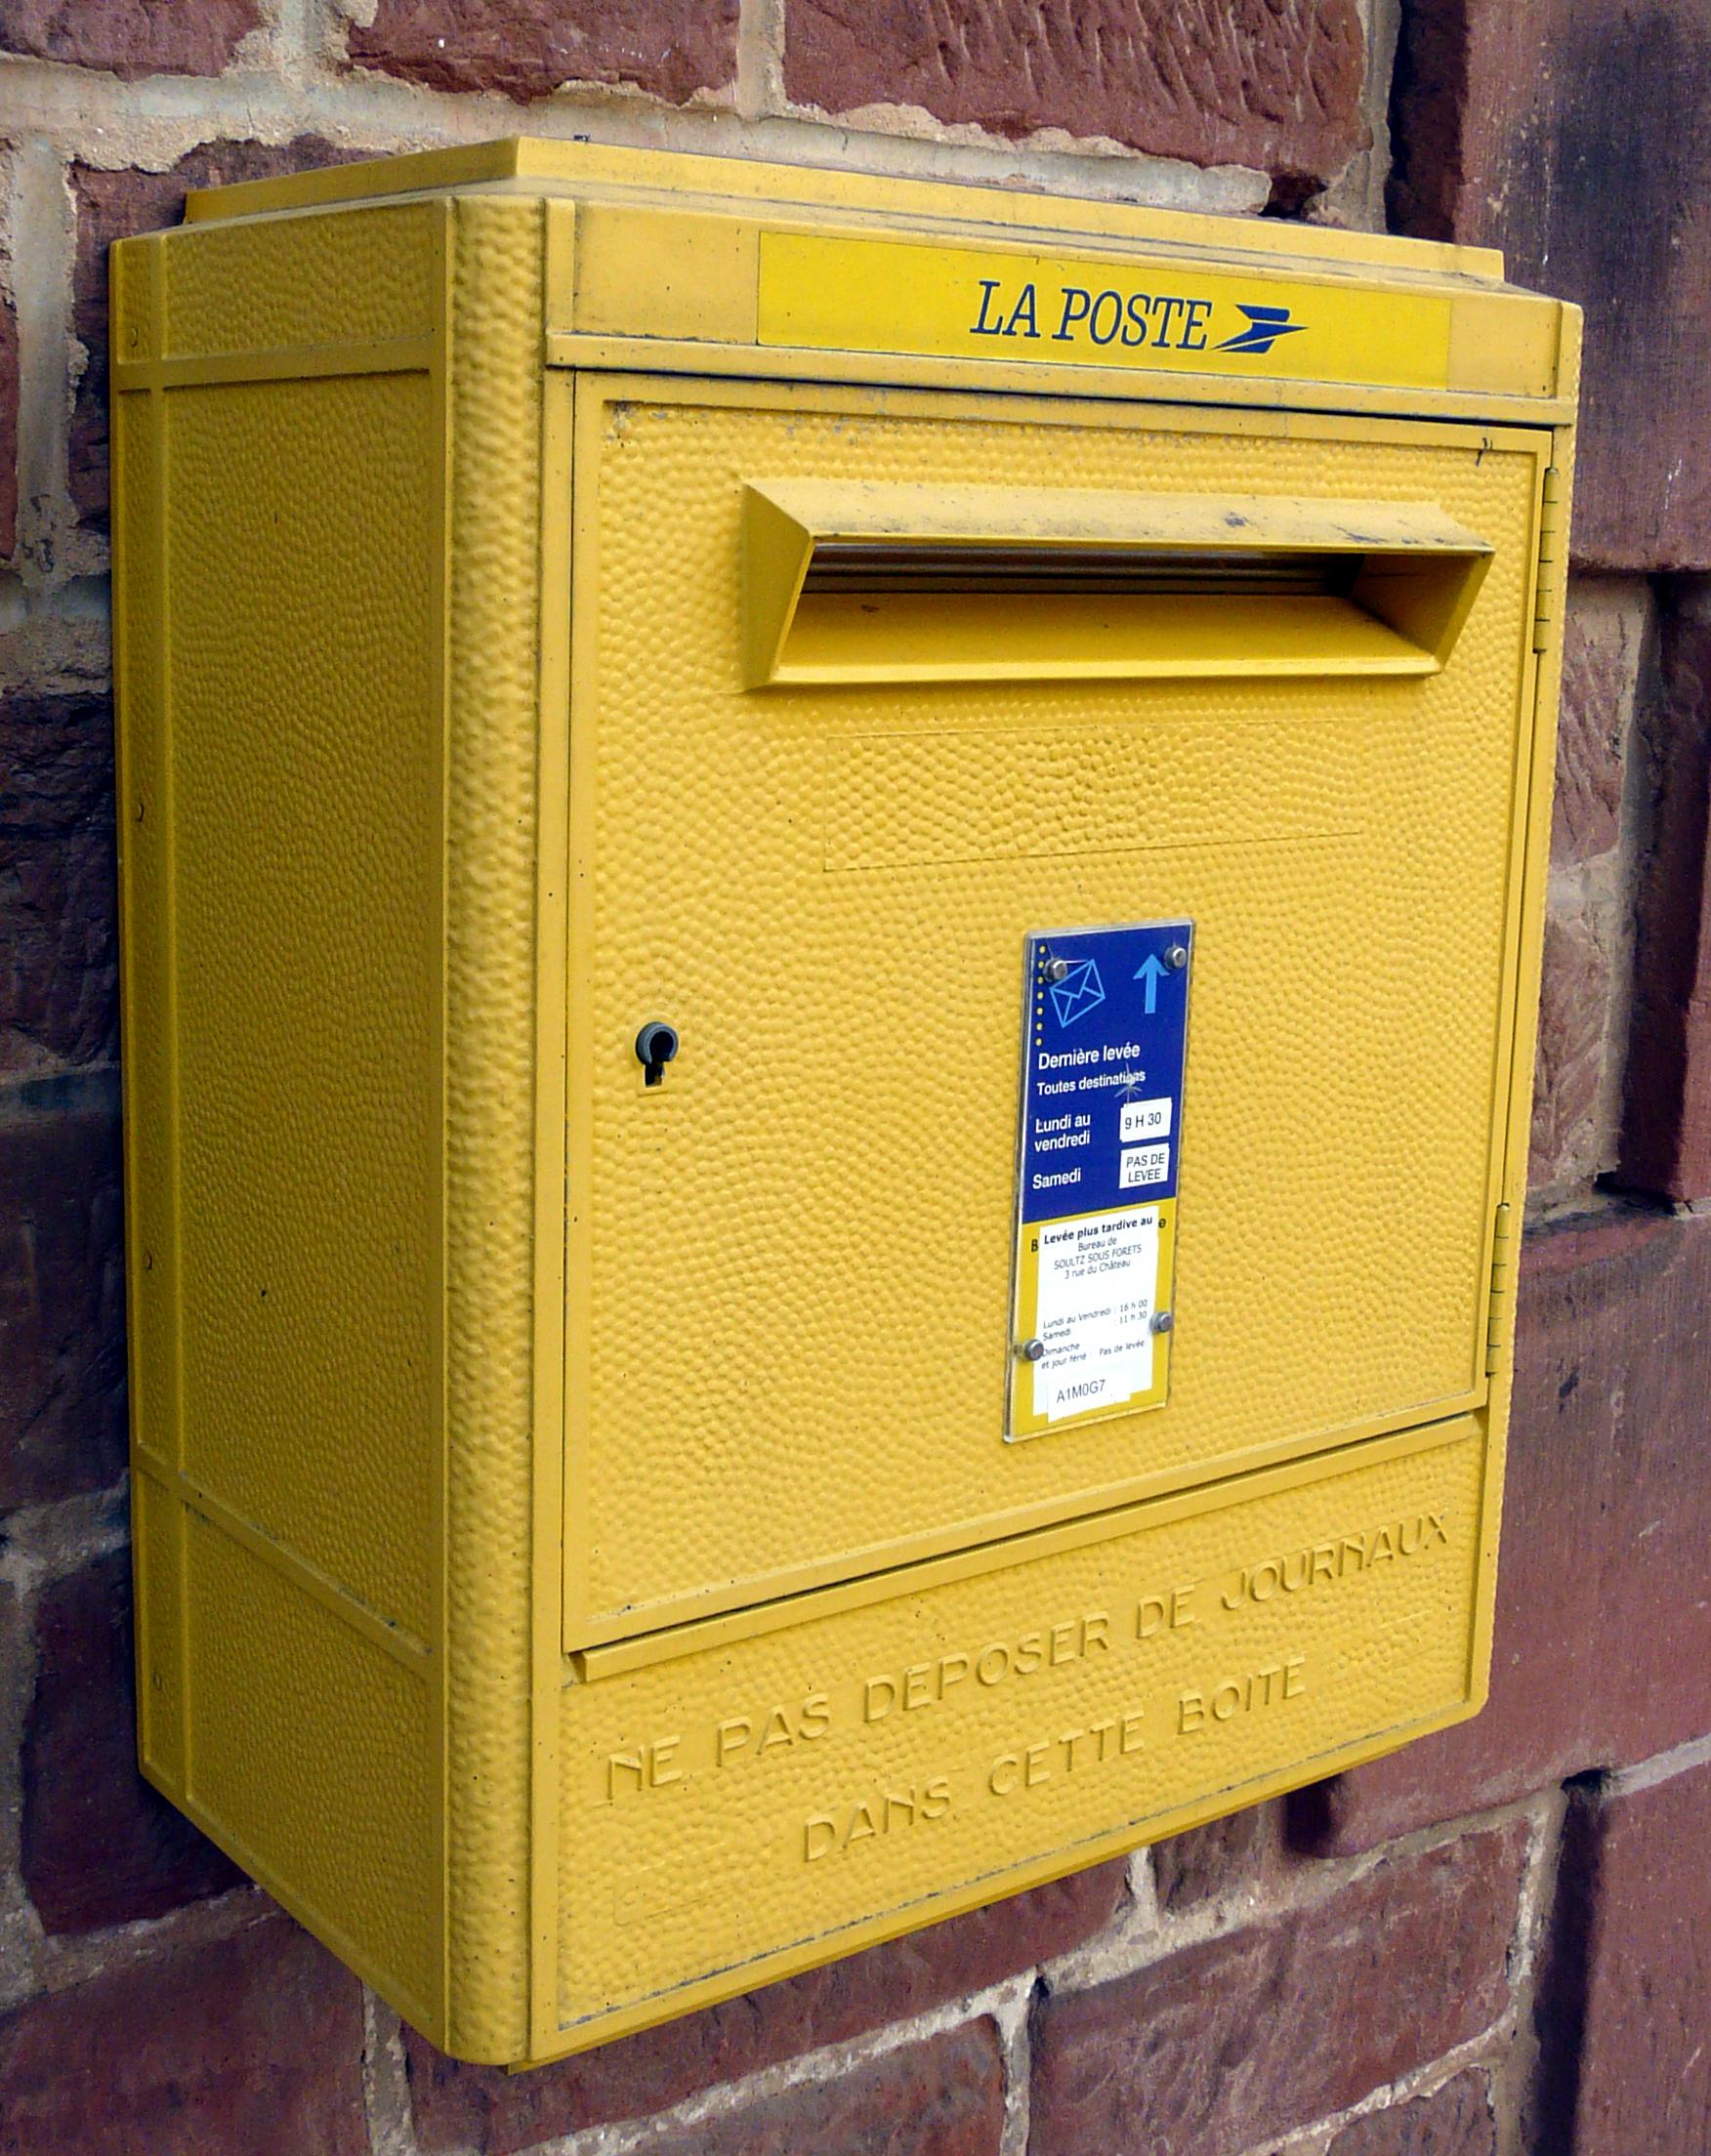 Briefkasten Bilder file briefkasten in ingolsheim frankreich fcm jpg wikimedia commons